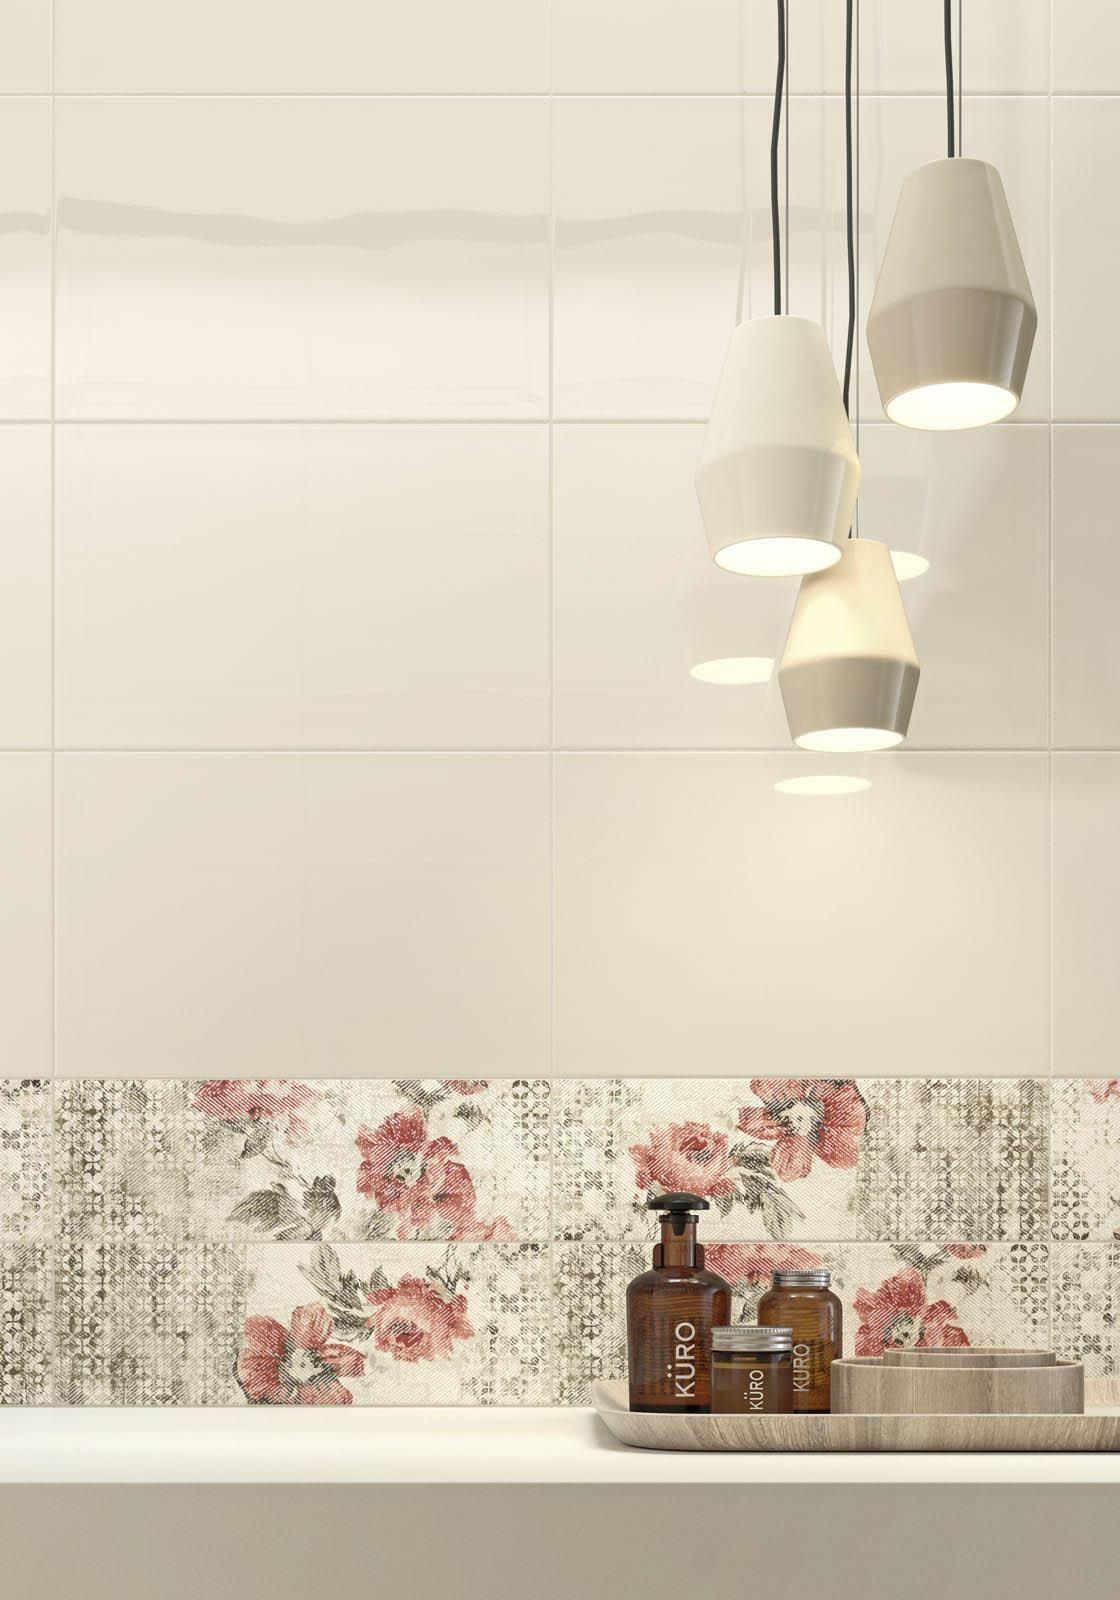 Piastrelle Cucina Con Fiori prevnext   piastrelle da parete, arredamento sala e cucina